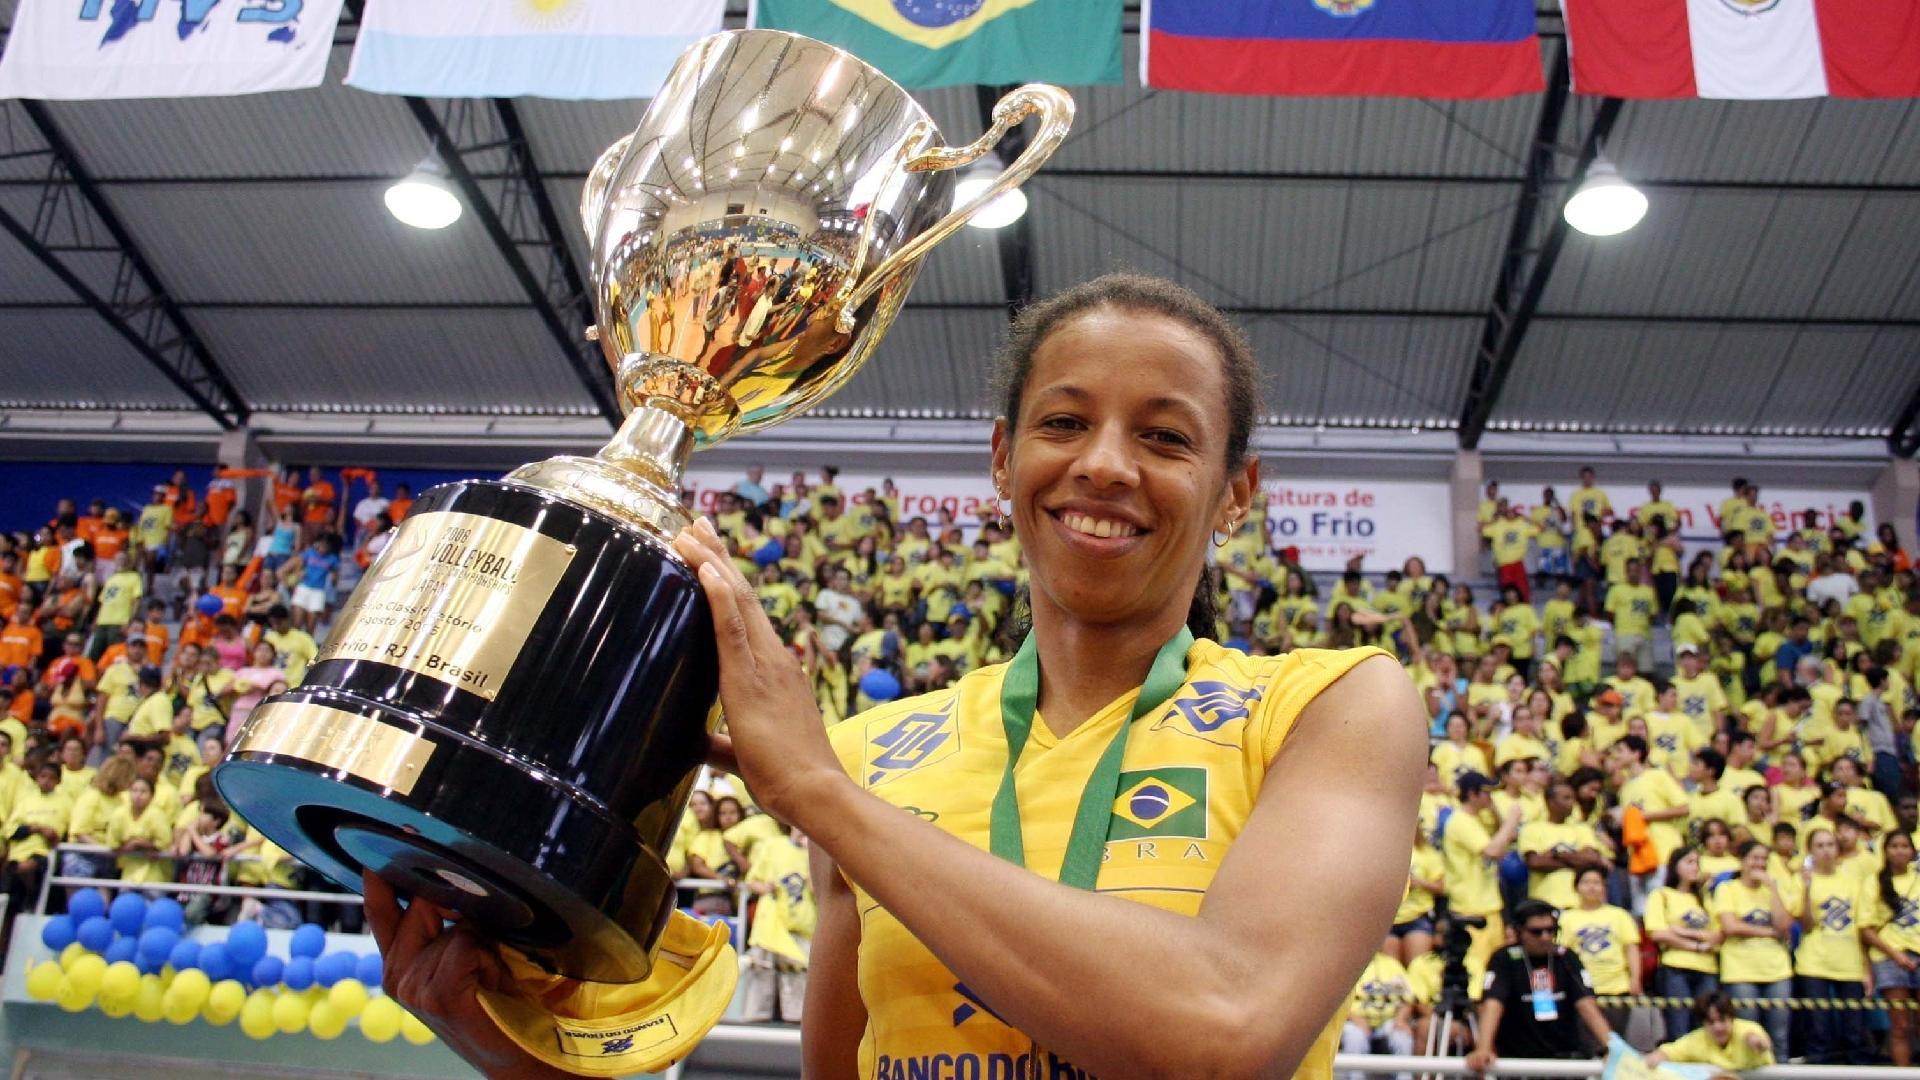 A capitã da seleção brasileira, Valeskinha, comemora com o troféu a conquista do classificatório para o Mundial de 2006 após a vitória sobre a seleção da Argentina (em 2005)